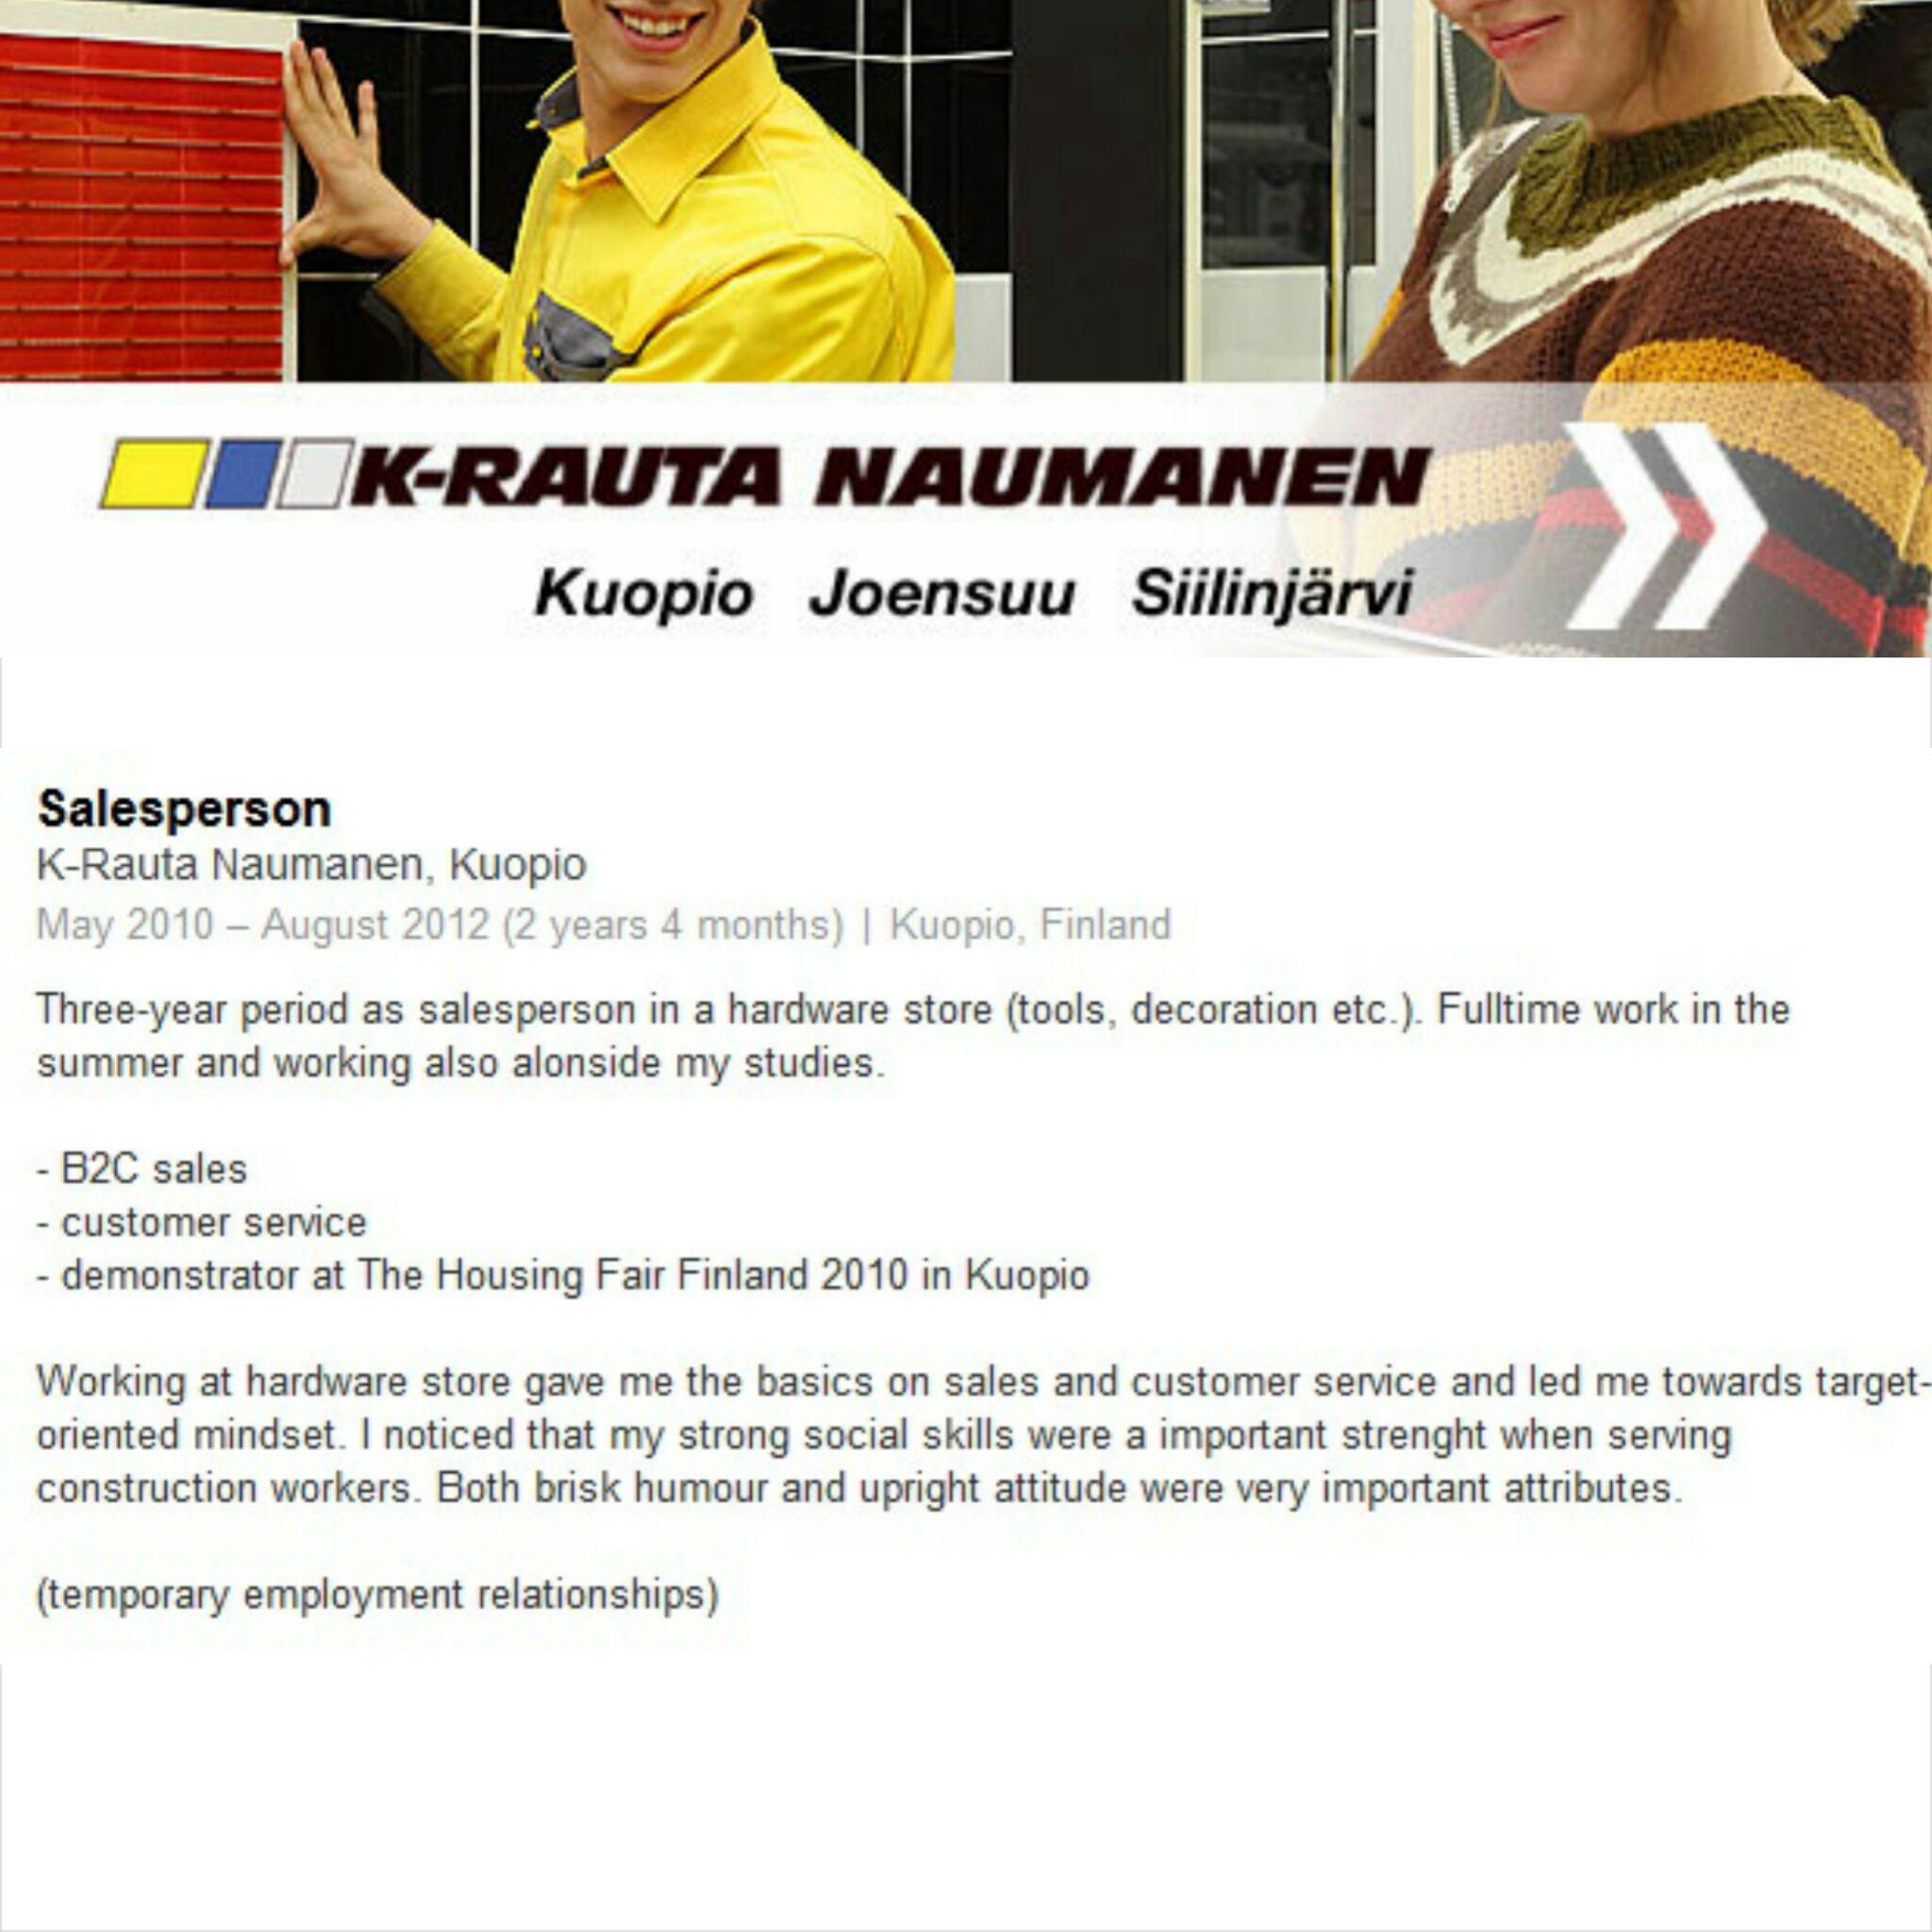 TYÖKOKEMUS: Myyjä / K-Rauta Naumanen, Kuopio 5/2010–8/2012 Myyjän tehtävät rautakaupassa työväline- ja sisustusosastoilla. Kokoaikaista kesätyötä sekä työskentelyä osa-aikaisesti opintojen ohessa. Kuva: http://naumanen.fi/k_rauta.html